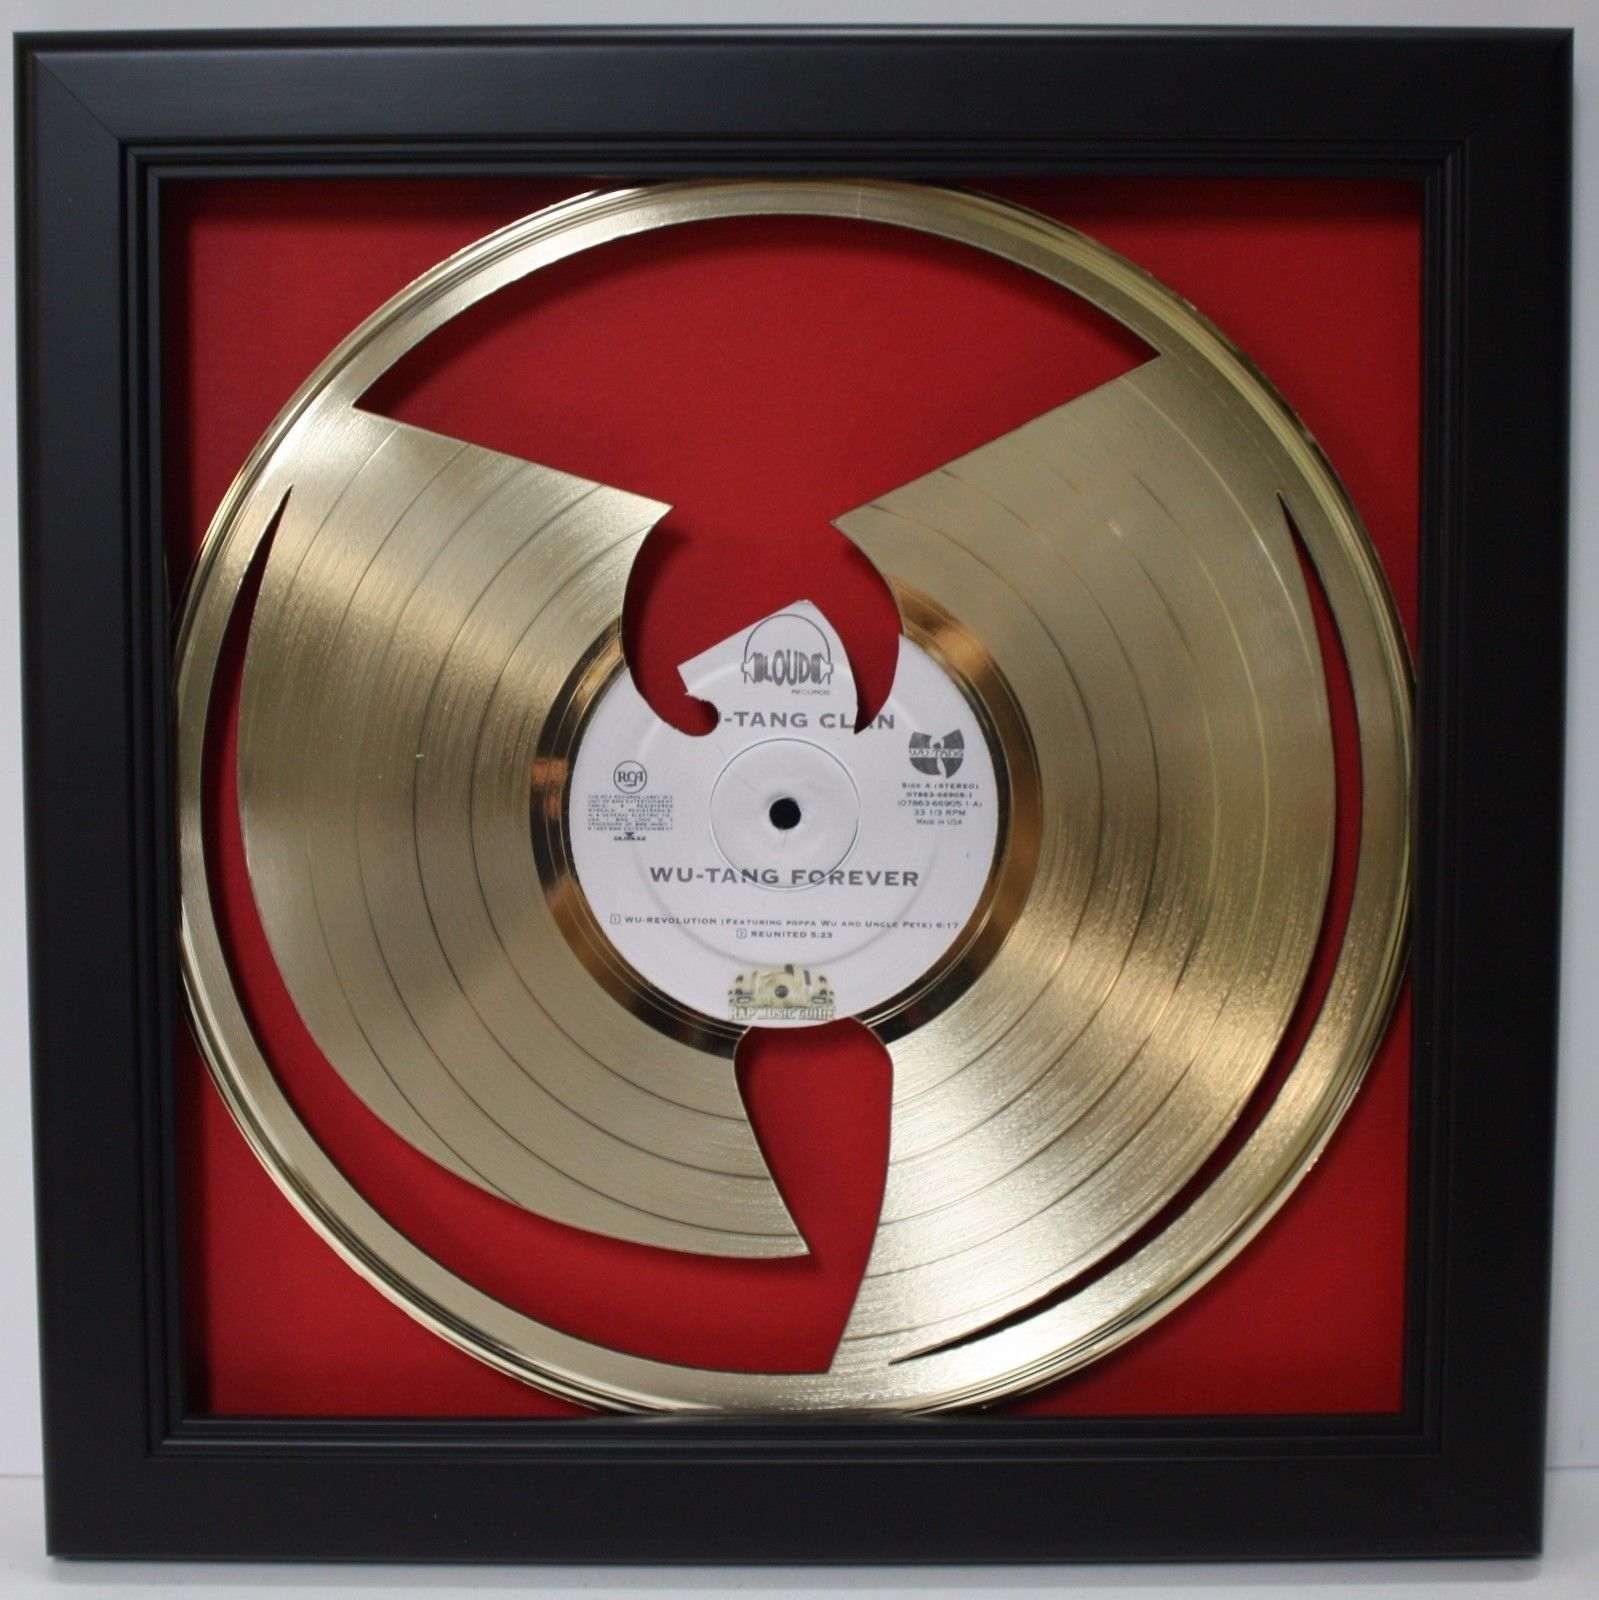 Shadow Box Wall Art wu tang framed laser cut gold plated vinyl record shadowbox wallart